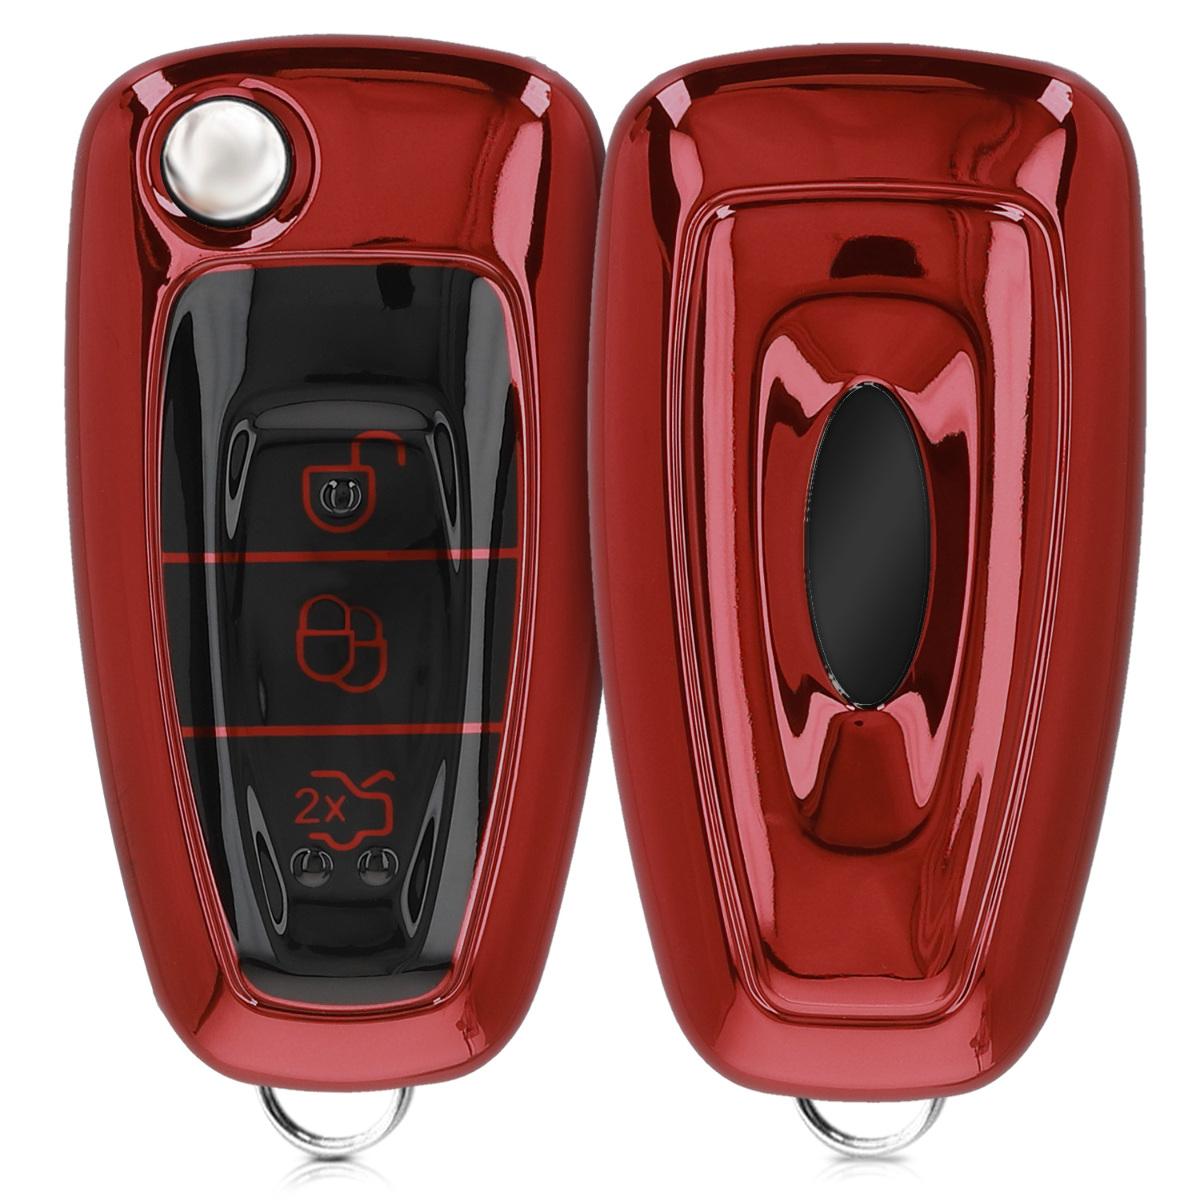 KW Θήκη Κλειδιού Ford - Σιλικόνη - 3 Κουμπιά - Red High Gloss (48039.97)